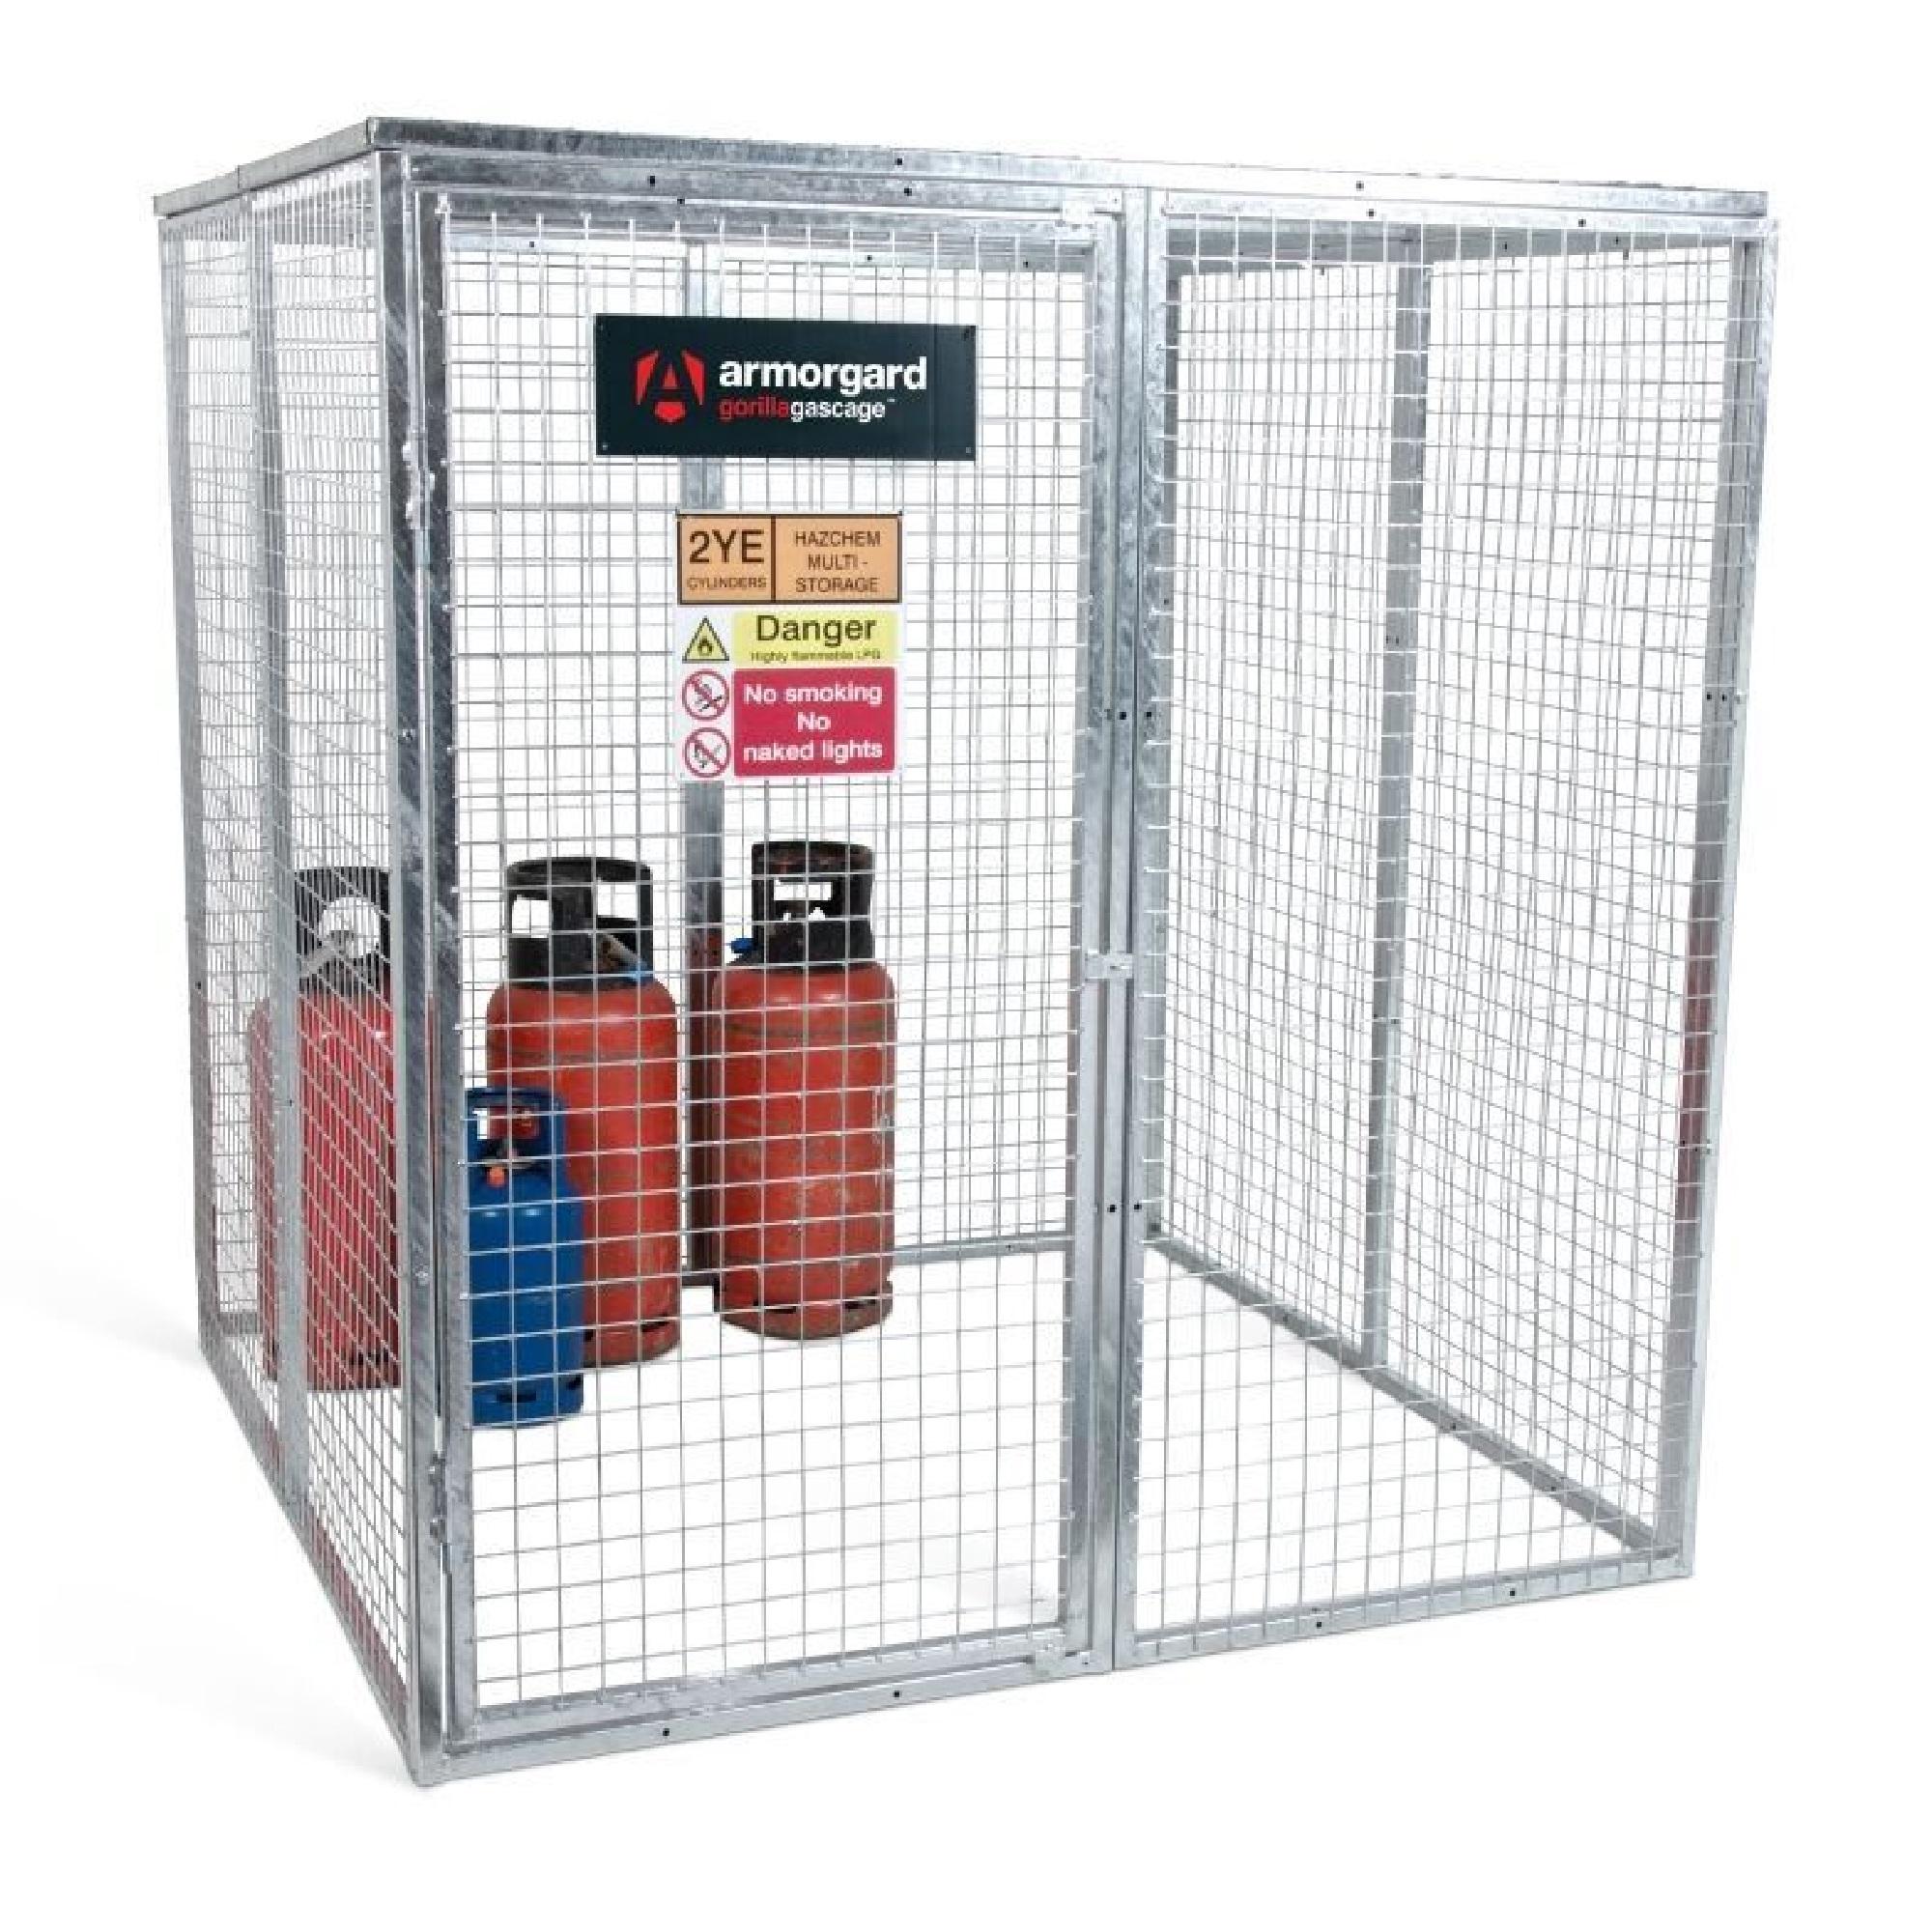 Armorgard Gorilla Gas Bottle Cage GGC9